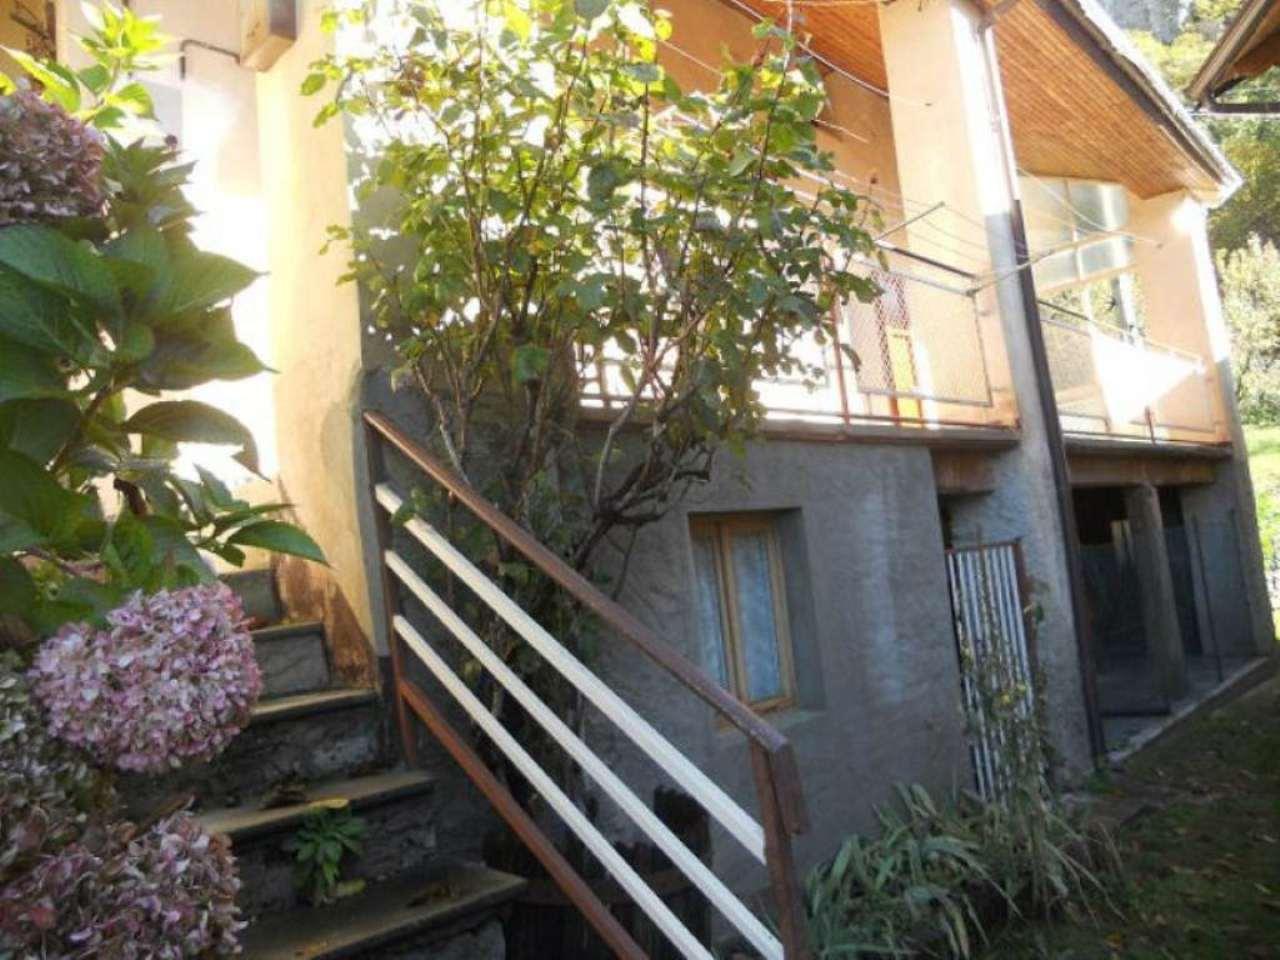 Rustico / Casale in vendita a Caprie, 3 locali, prezzo € 13.000 | CambioCasa.it